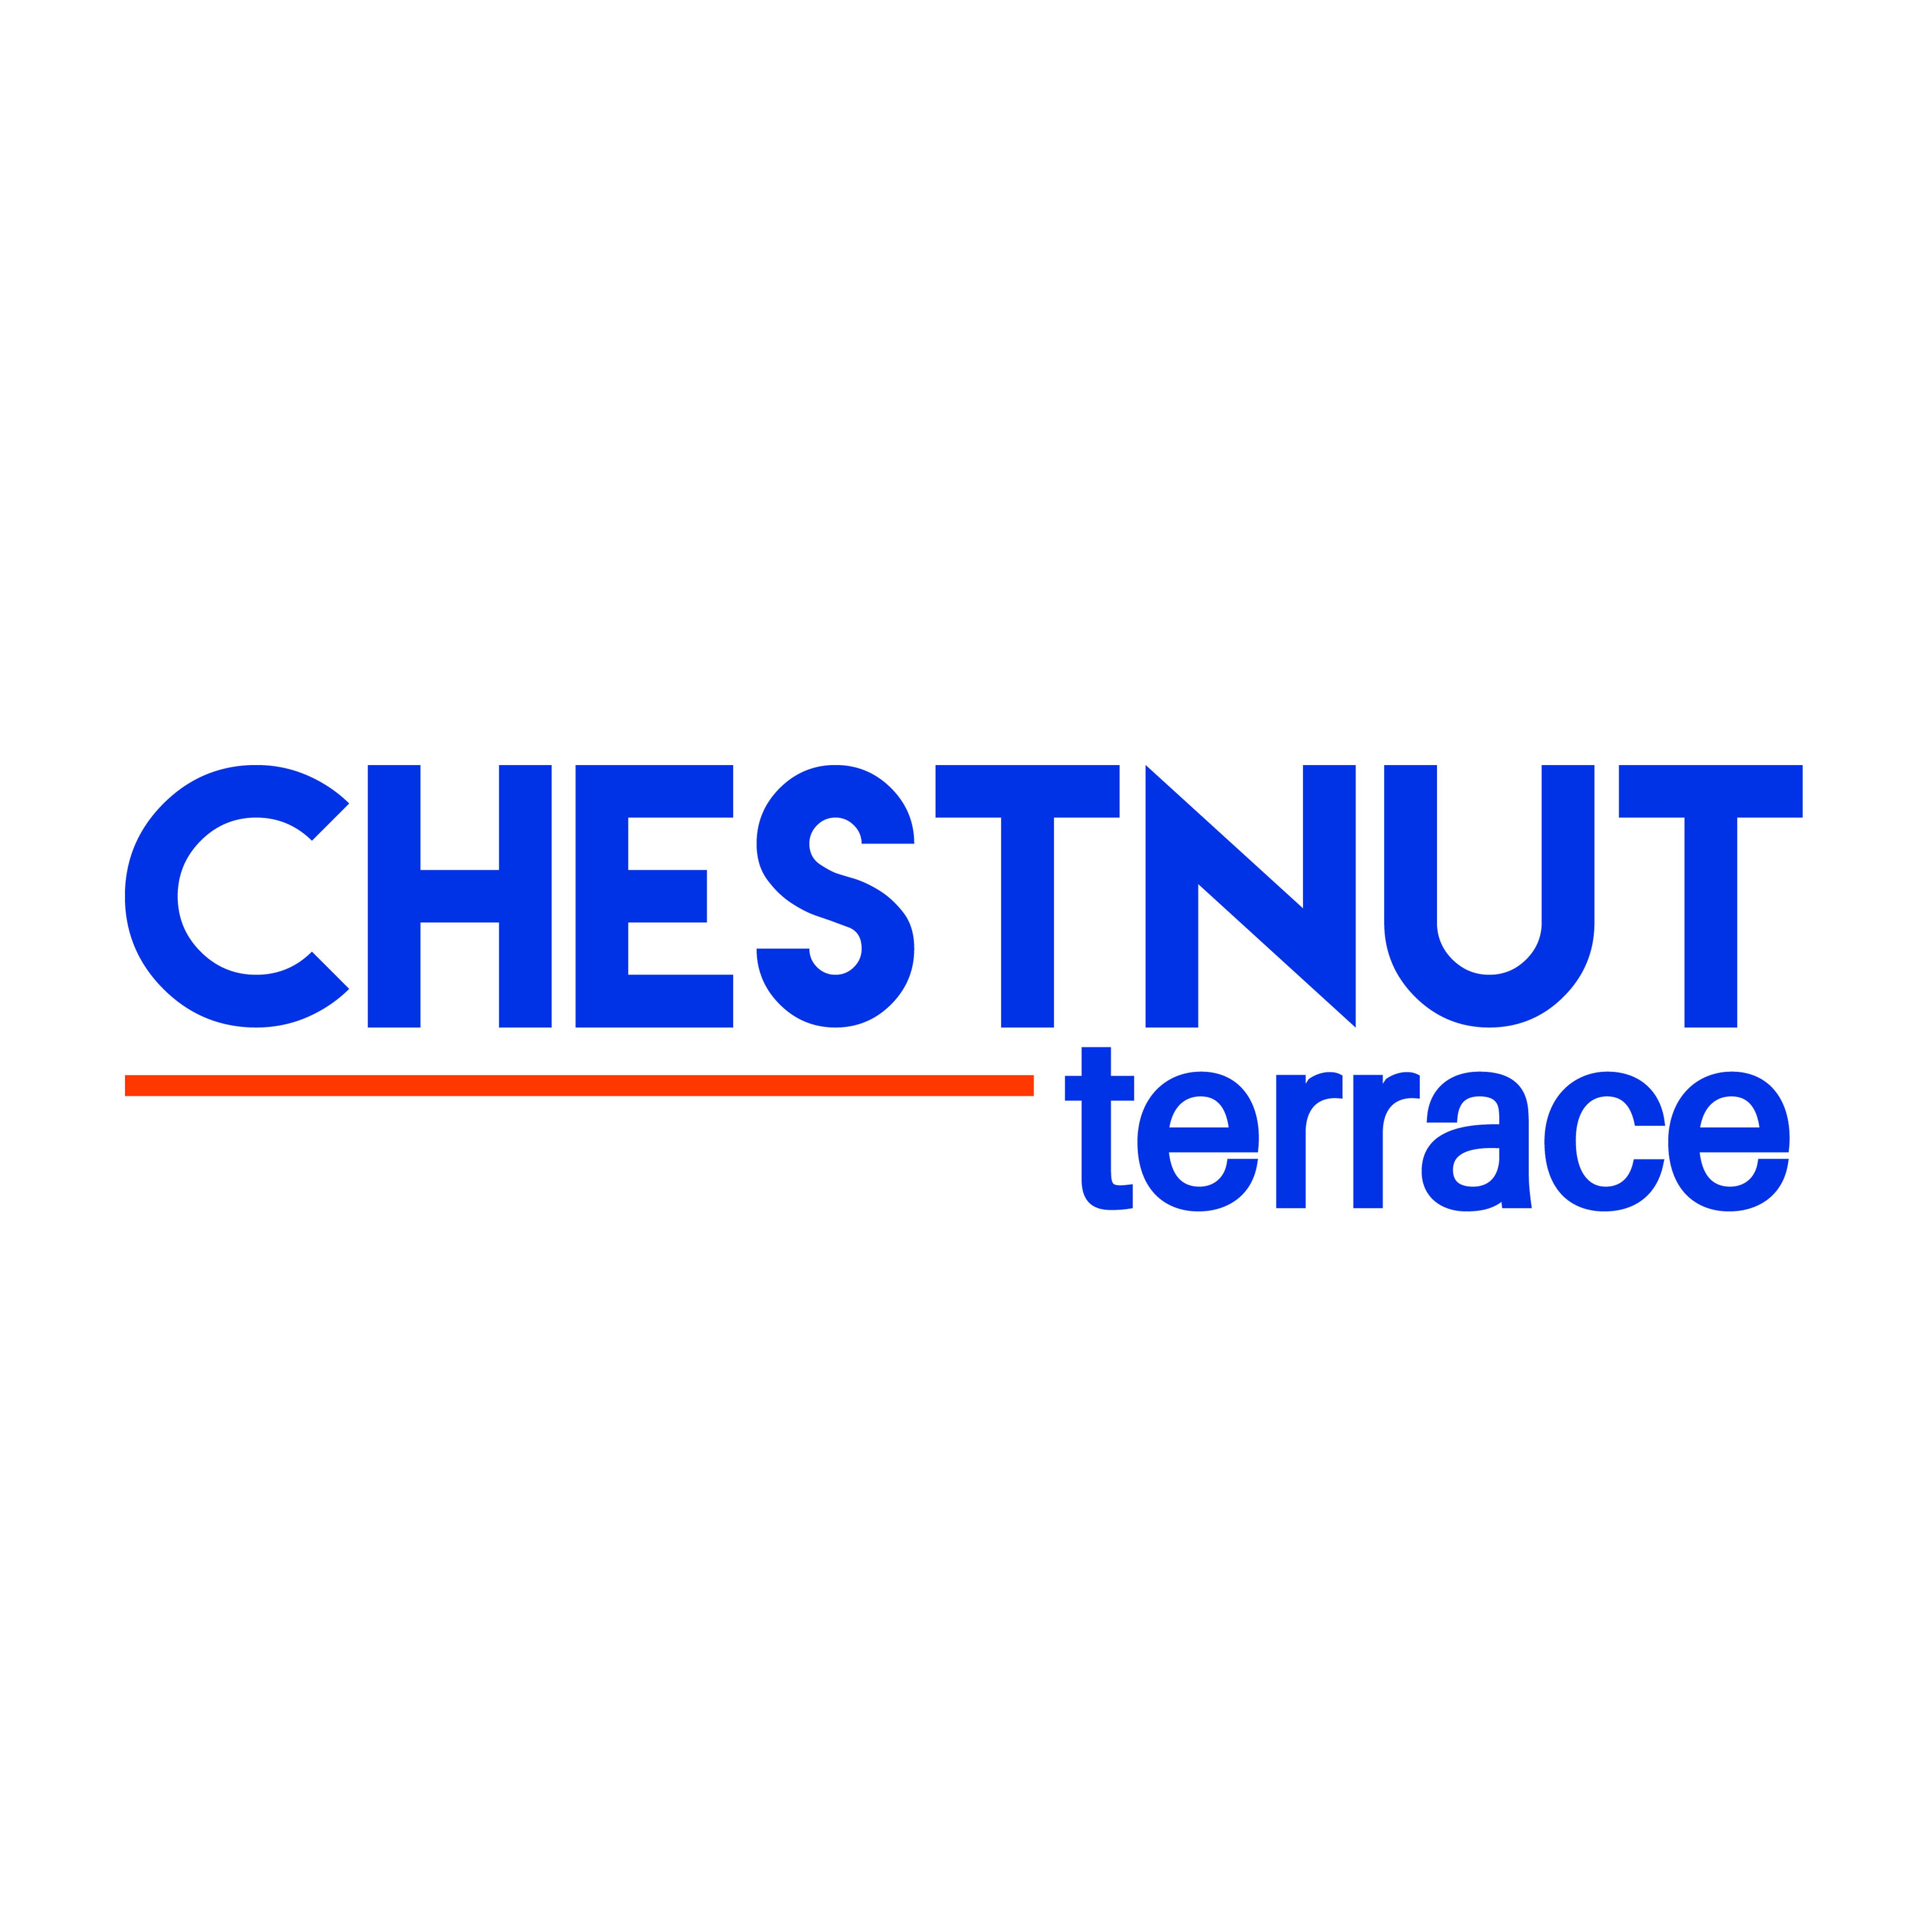 Chestnut Terrace